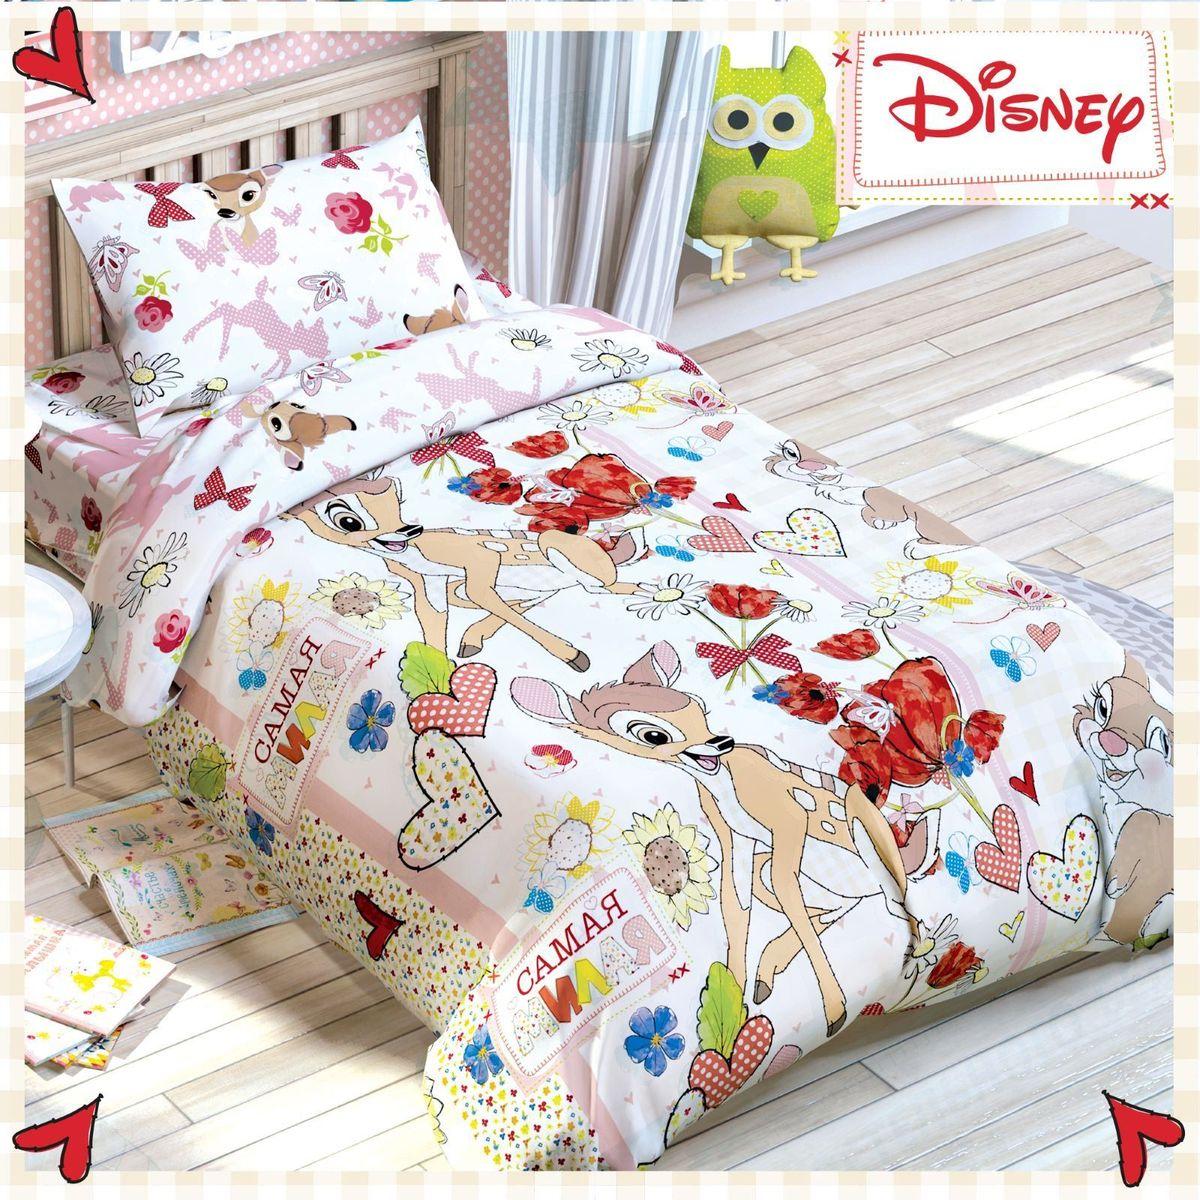 Disney КПБ 1,5 спальное БембиS03301004Постельное бельё для самой милой и очаровательной девчонки! Превратить детскую в настоящую сказочную страну, подарить маленькой поклоннице диснеевских мультфильмов сны, полные удивительных приключений и волшебства, обеспечить дочке комфорт и уют на протяжении всей ночи — всё это легко сделать с комплектом «Бемби».Над дизайном этого постельного белья работала команда настоящих мастеров своего дела! На внешней стороне пододеяльника разместился основной мотив: яркий, динамичный и запоминающийся рисунок, дополненный надписями на русском языке. В качестве основы для наволочек, простыни и внутренней стороны пододеяльника используется светлая ткань-компаньон: принт здесь более спокойный, но не менее красивый!Кроха будет в восторге!А заботливых родителей порадует качество. Бельё изготовлено на современном оборудовании в России под тщательным контролем на каждой стадии производства. В работе использовался только натуральный, экологически чистый хлопок и безопасные европейские красители. Именно поэтому комплект:невероятно приятный на ощупь, подходит для детей с чувствительной кожей;позволяет коже дышать;отлично впитывает влагу;не вызывает аллергию;прост в уходе и долговечен.В комплект входит: пододеяльник (143 х 215 см), простыня (150 х 214 см) и одна наволочка (50 х 70 см).При соблюдении простых рекомендаций по уходу за изделием постельное бельё прослужит длительный срок, сохранив яркость красок и нежность ткани. Стирать бельё нужно при температуре не выше сорока градусов без использования отбеливающих средств. Гладить — при температуре не более 150 °C. Химчистка запрещена.